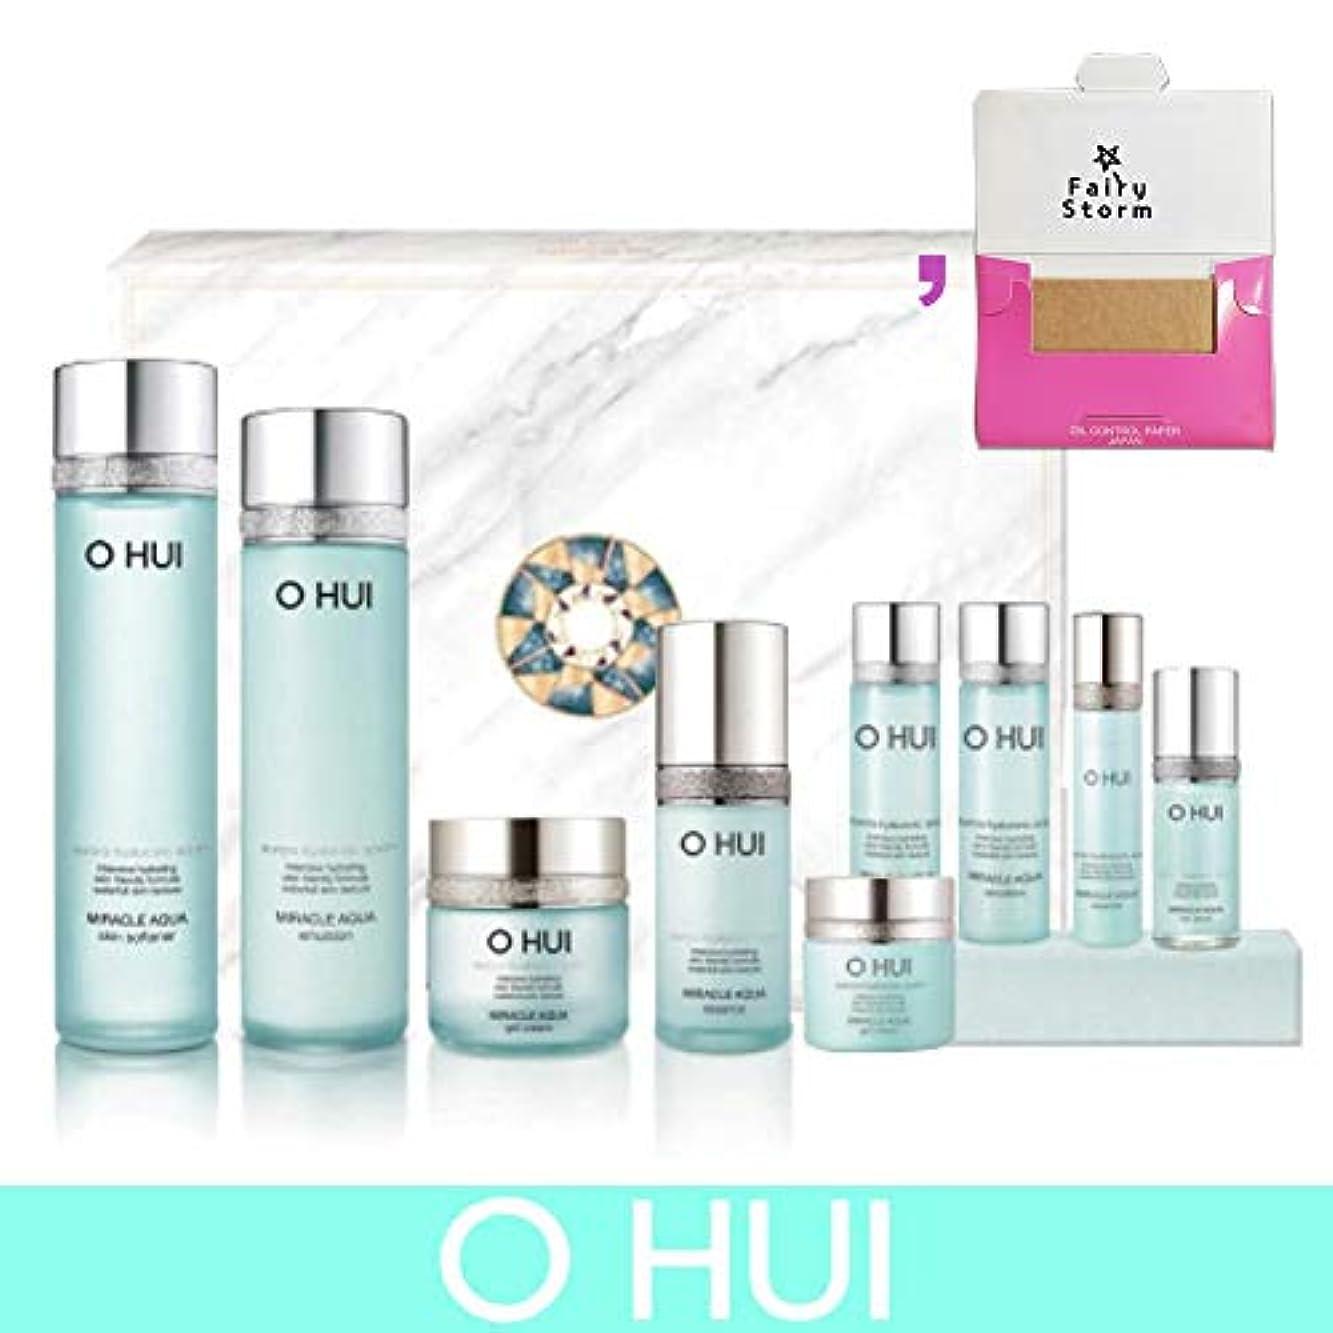 どういたしましてひねくれたリネン[オフィ/O HUI]韓国化粧品 LG生活健康/O HUI MIRACLE AQUA SPECIAL 4EA SET/ミラクル アクア 4種セット + [Sample Gift](海外直送品)